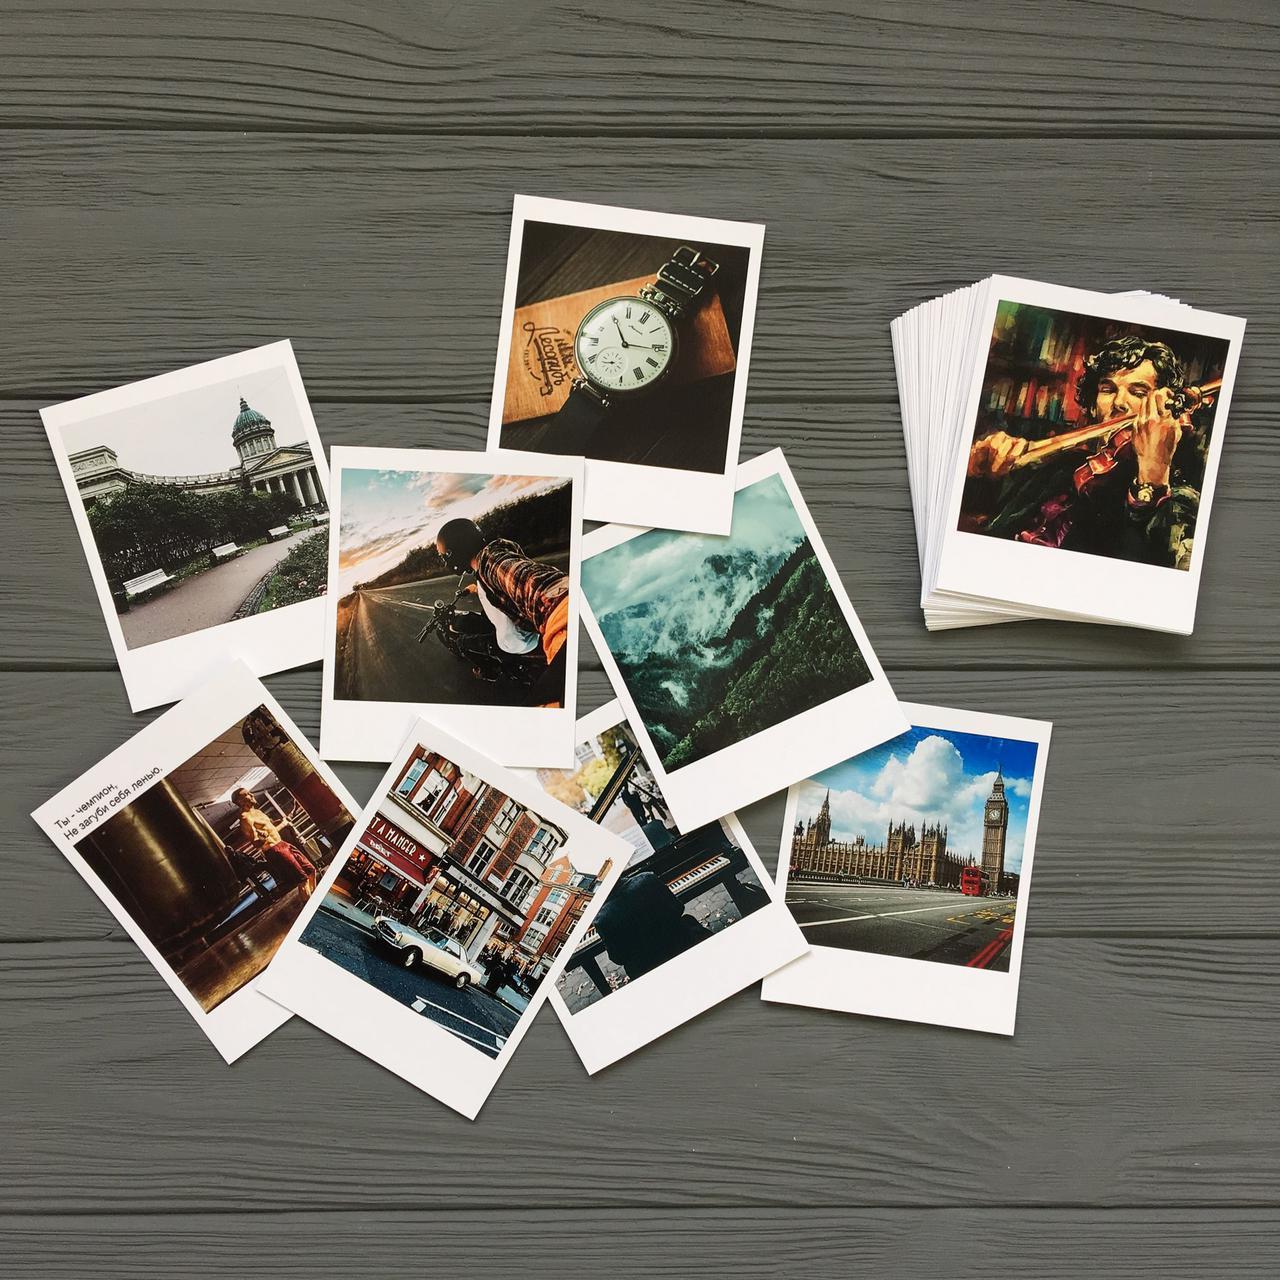 фотокарточки печать москва расположение, мягкий климат